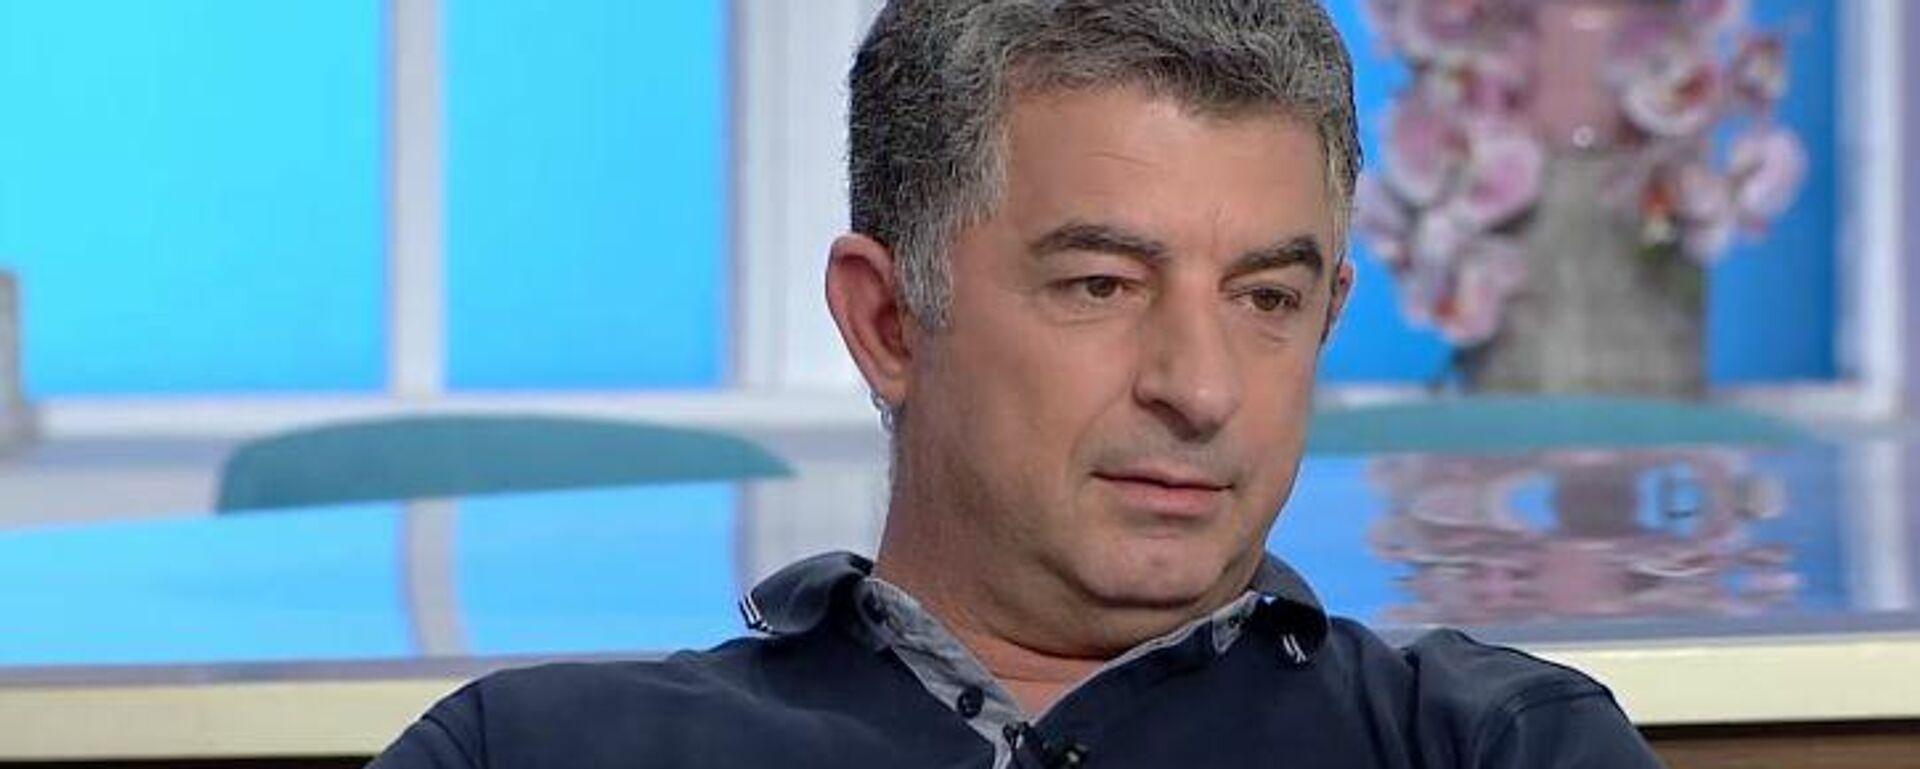 Ο αστυνομικός ρεπόρτερ Γιώργος Καραϊβάζ - Sputnik Ελλάδα, 1920, 09.04.2021